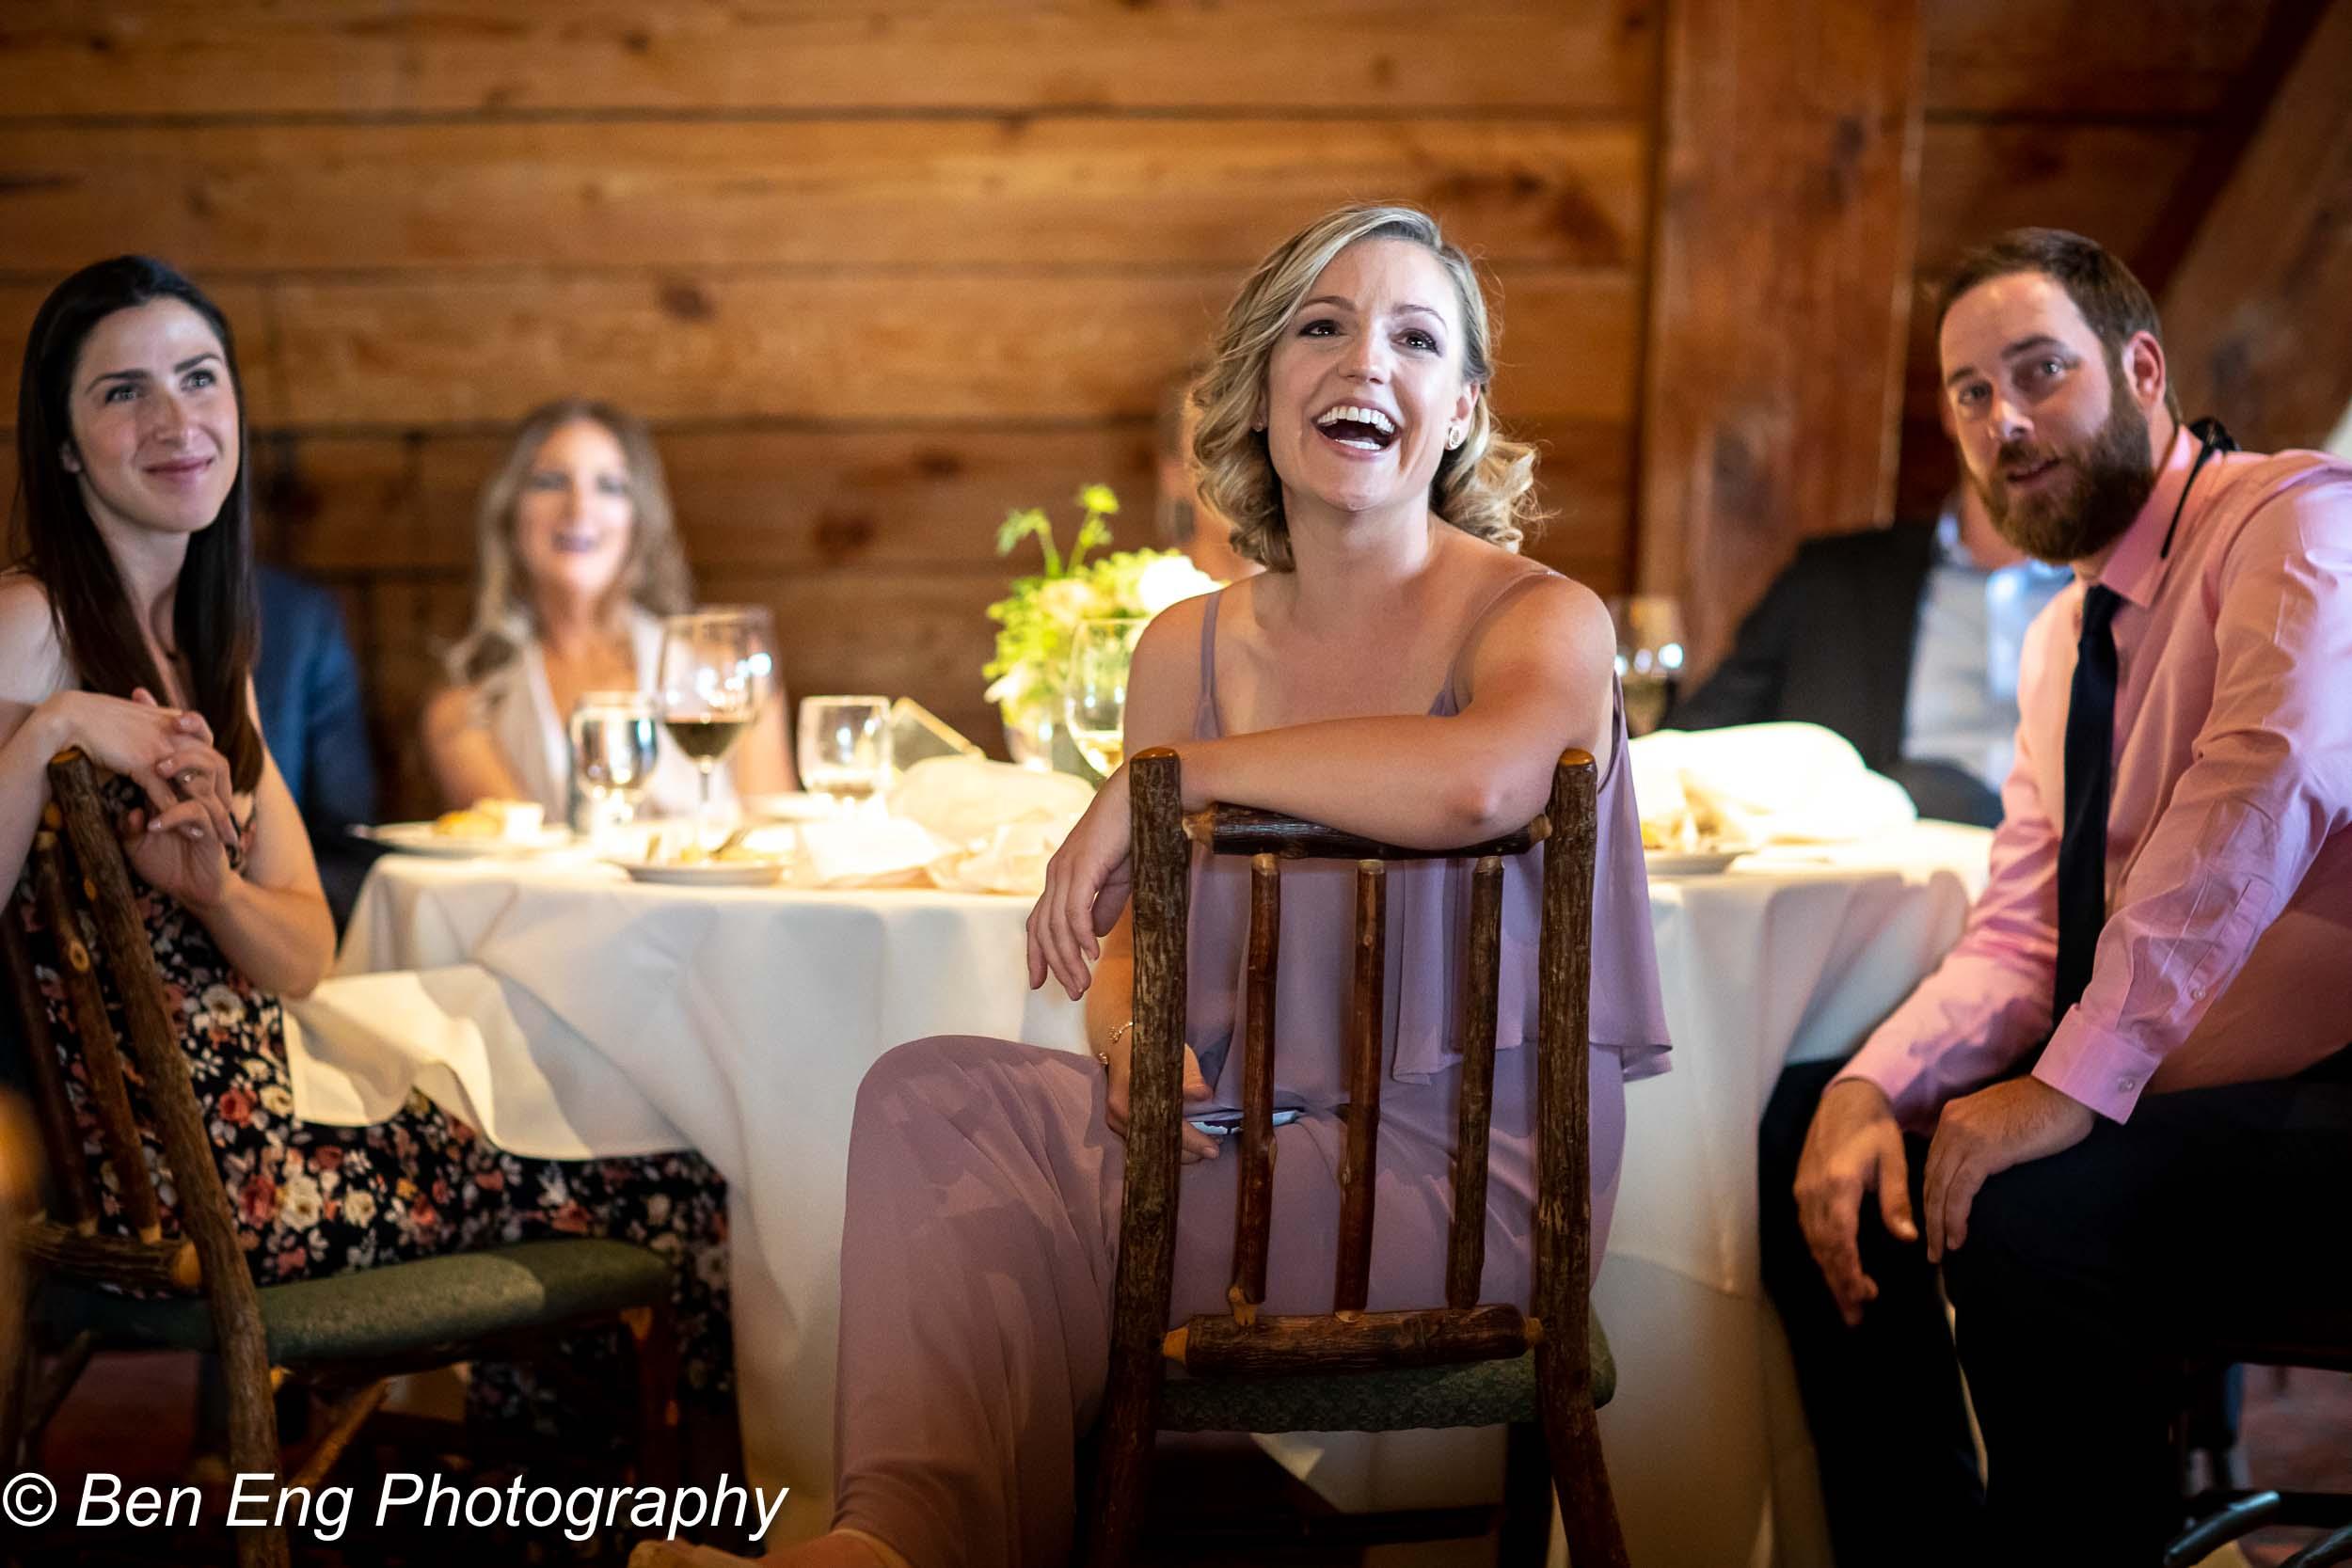 Bridesmaid at the reception